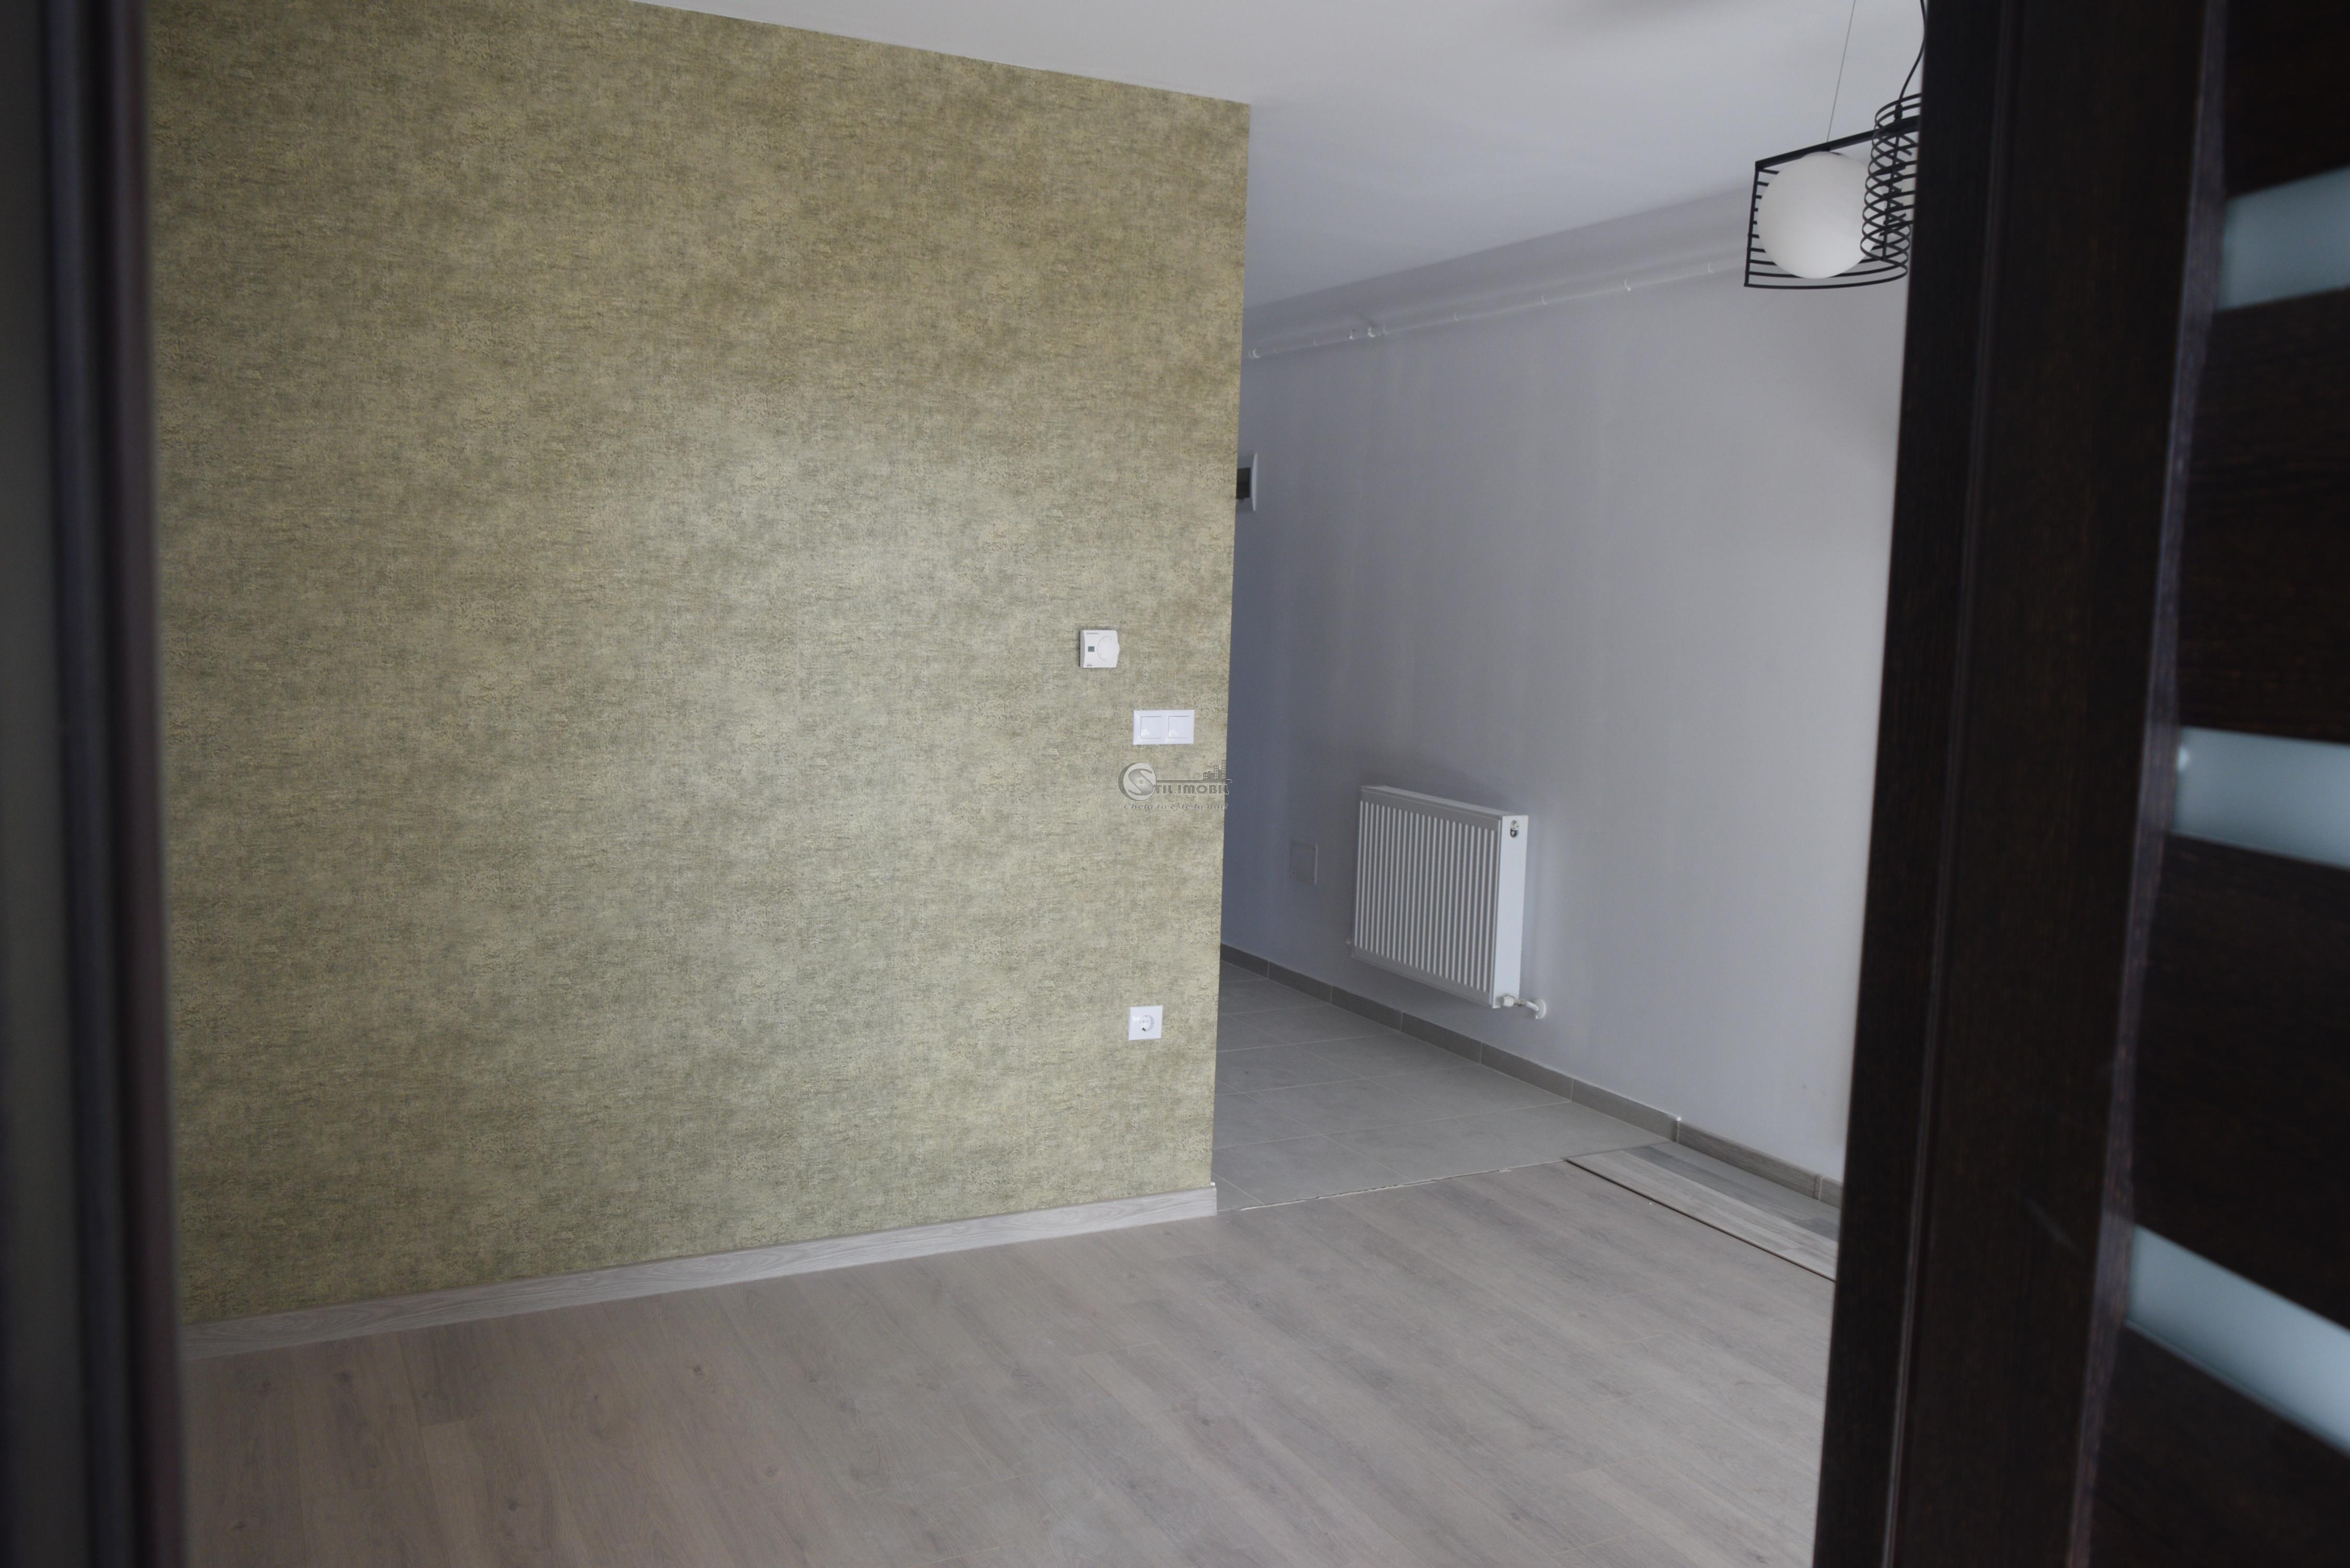 Apartament 2 camere, 54mp, CUG bloc nou